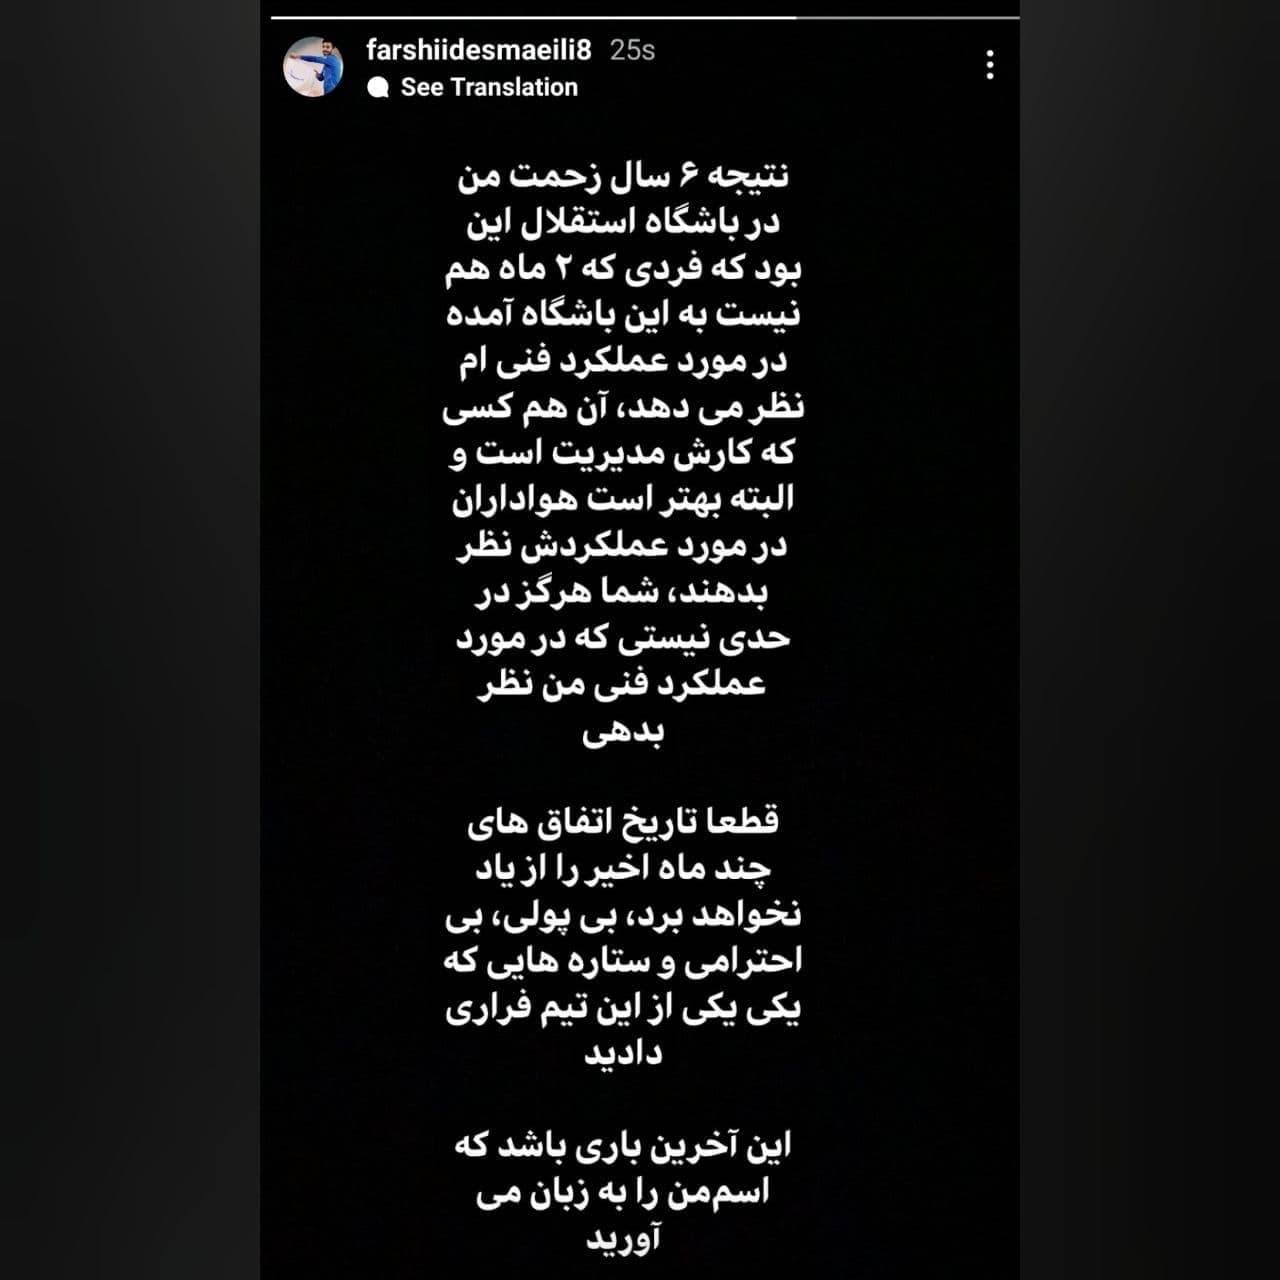 حمله فرشید اسماعیلی به مدیران استقلال/عکس